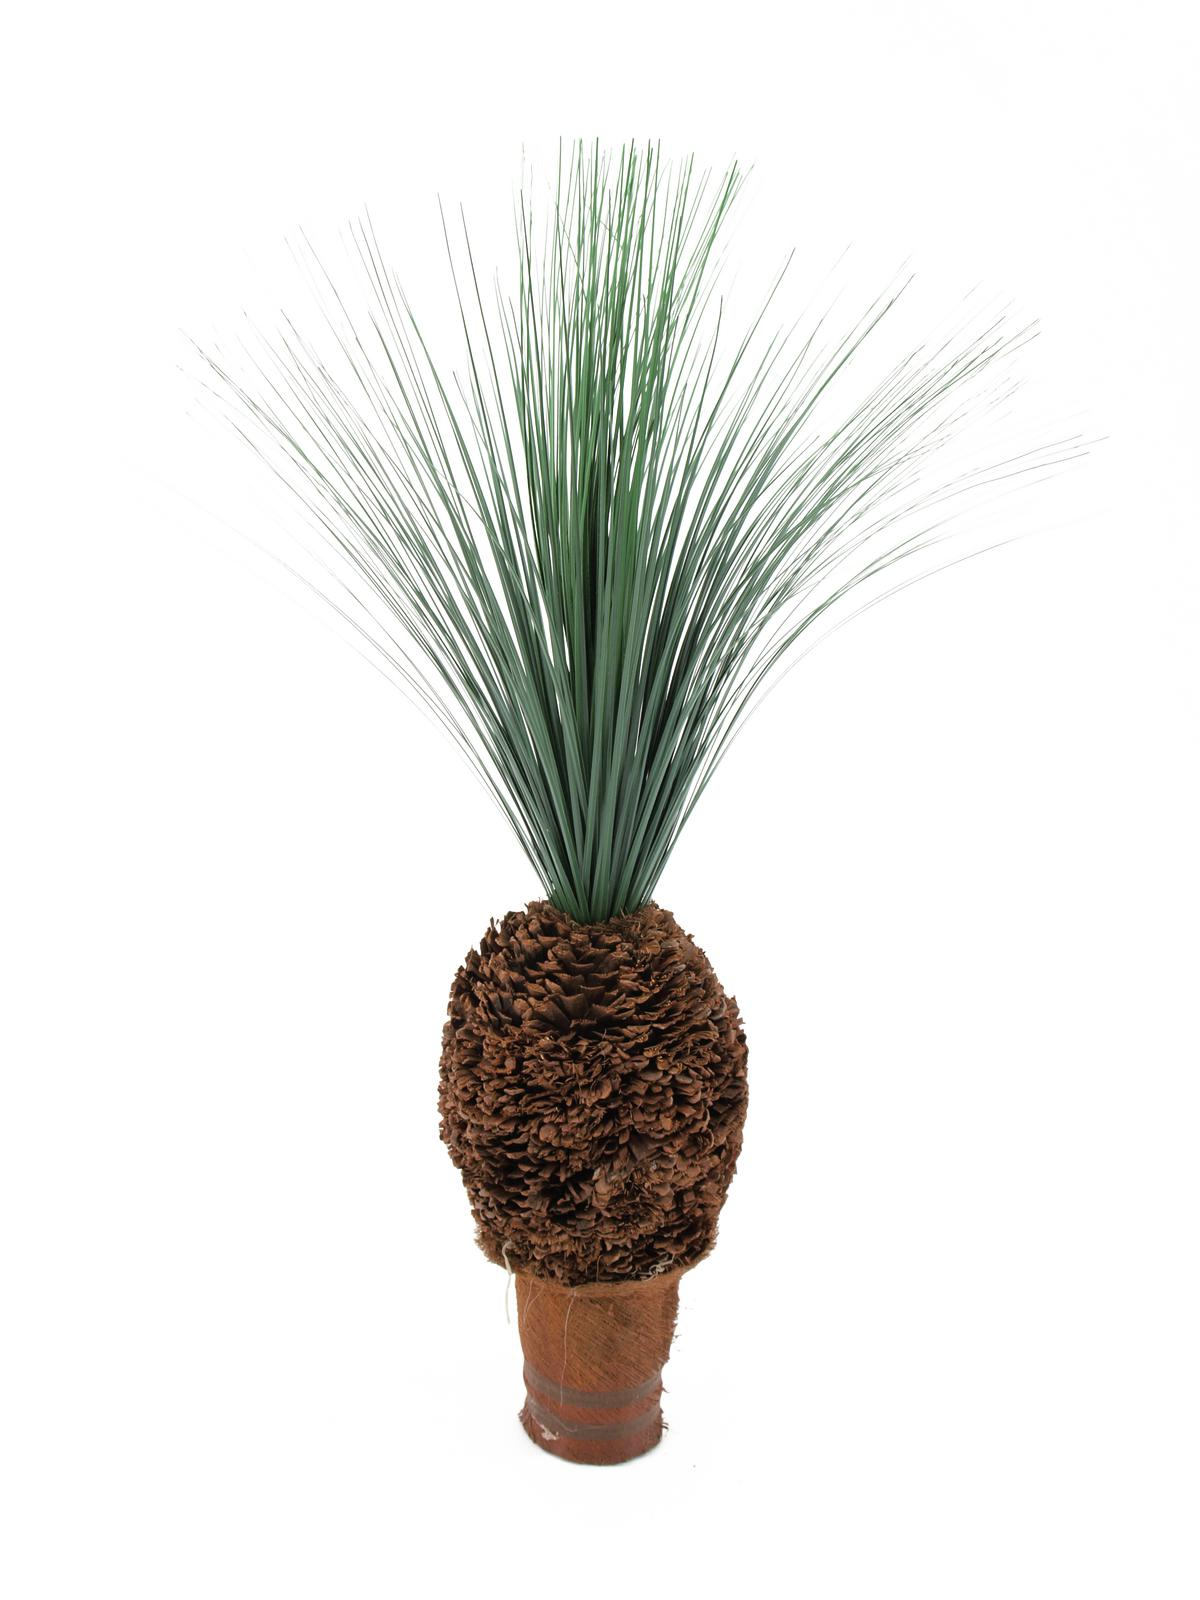 EUROPALMS pianta artificiale con foglie di palma busto a forma di ananas, 90cm